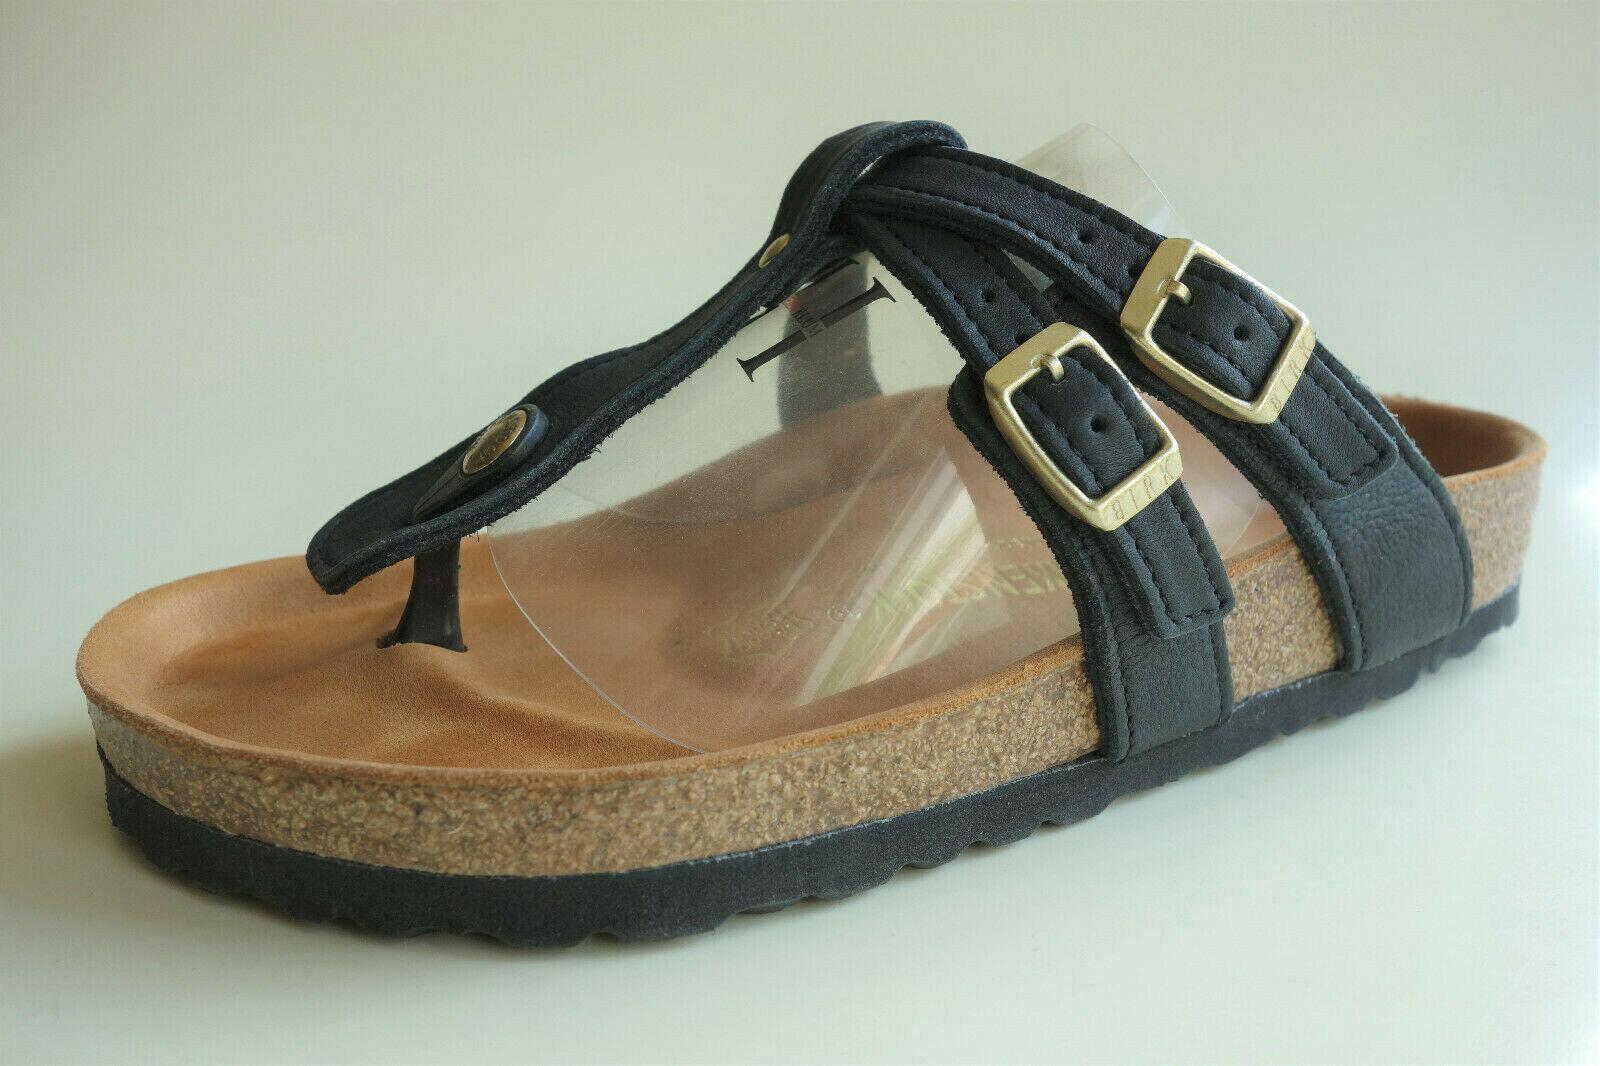 -raro-BIRKENCTOCK Leather Sandal Slide ADANA EXQ nero US7.5   REF   REF  Normale  spedizione veloce in tutto il mondo